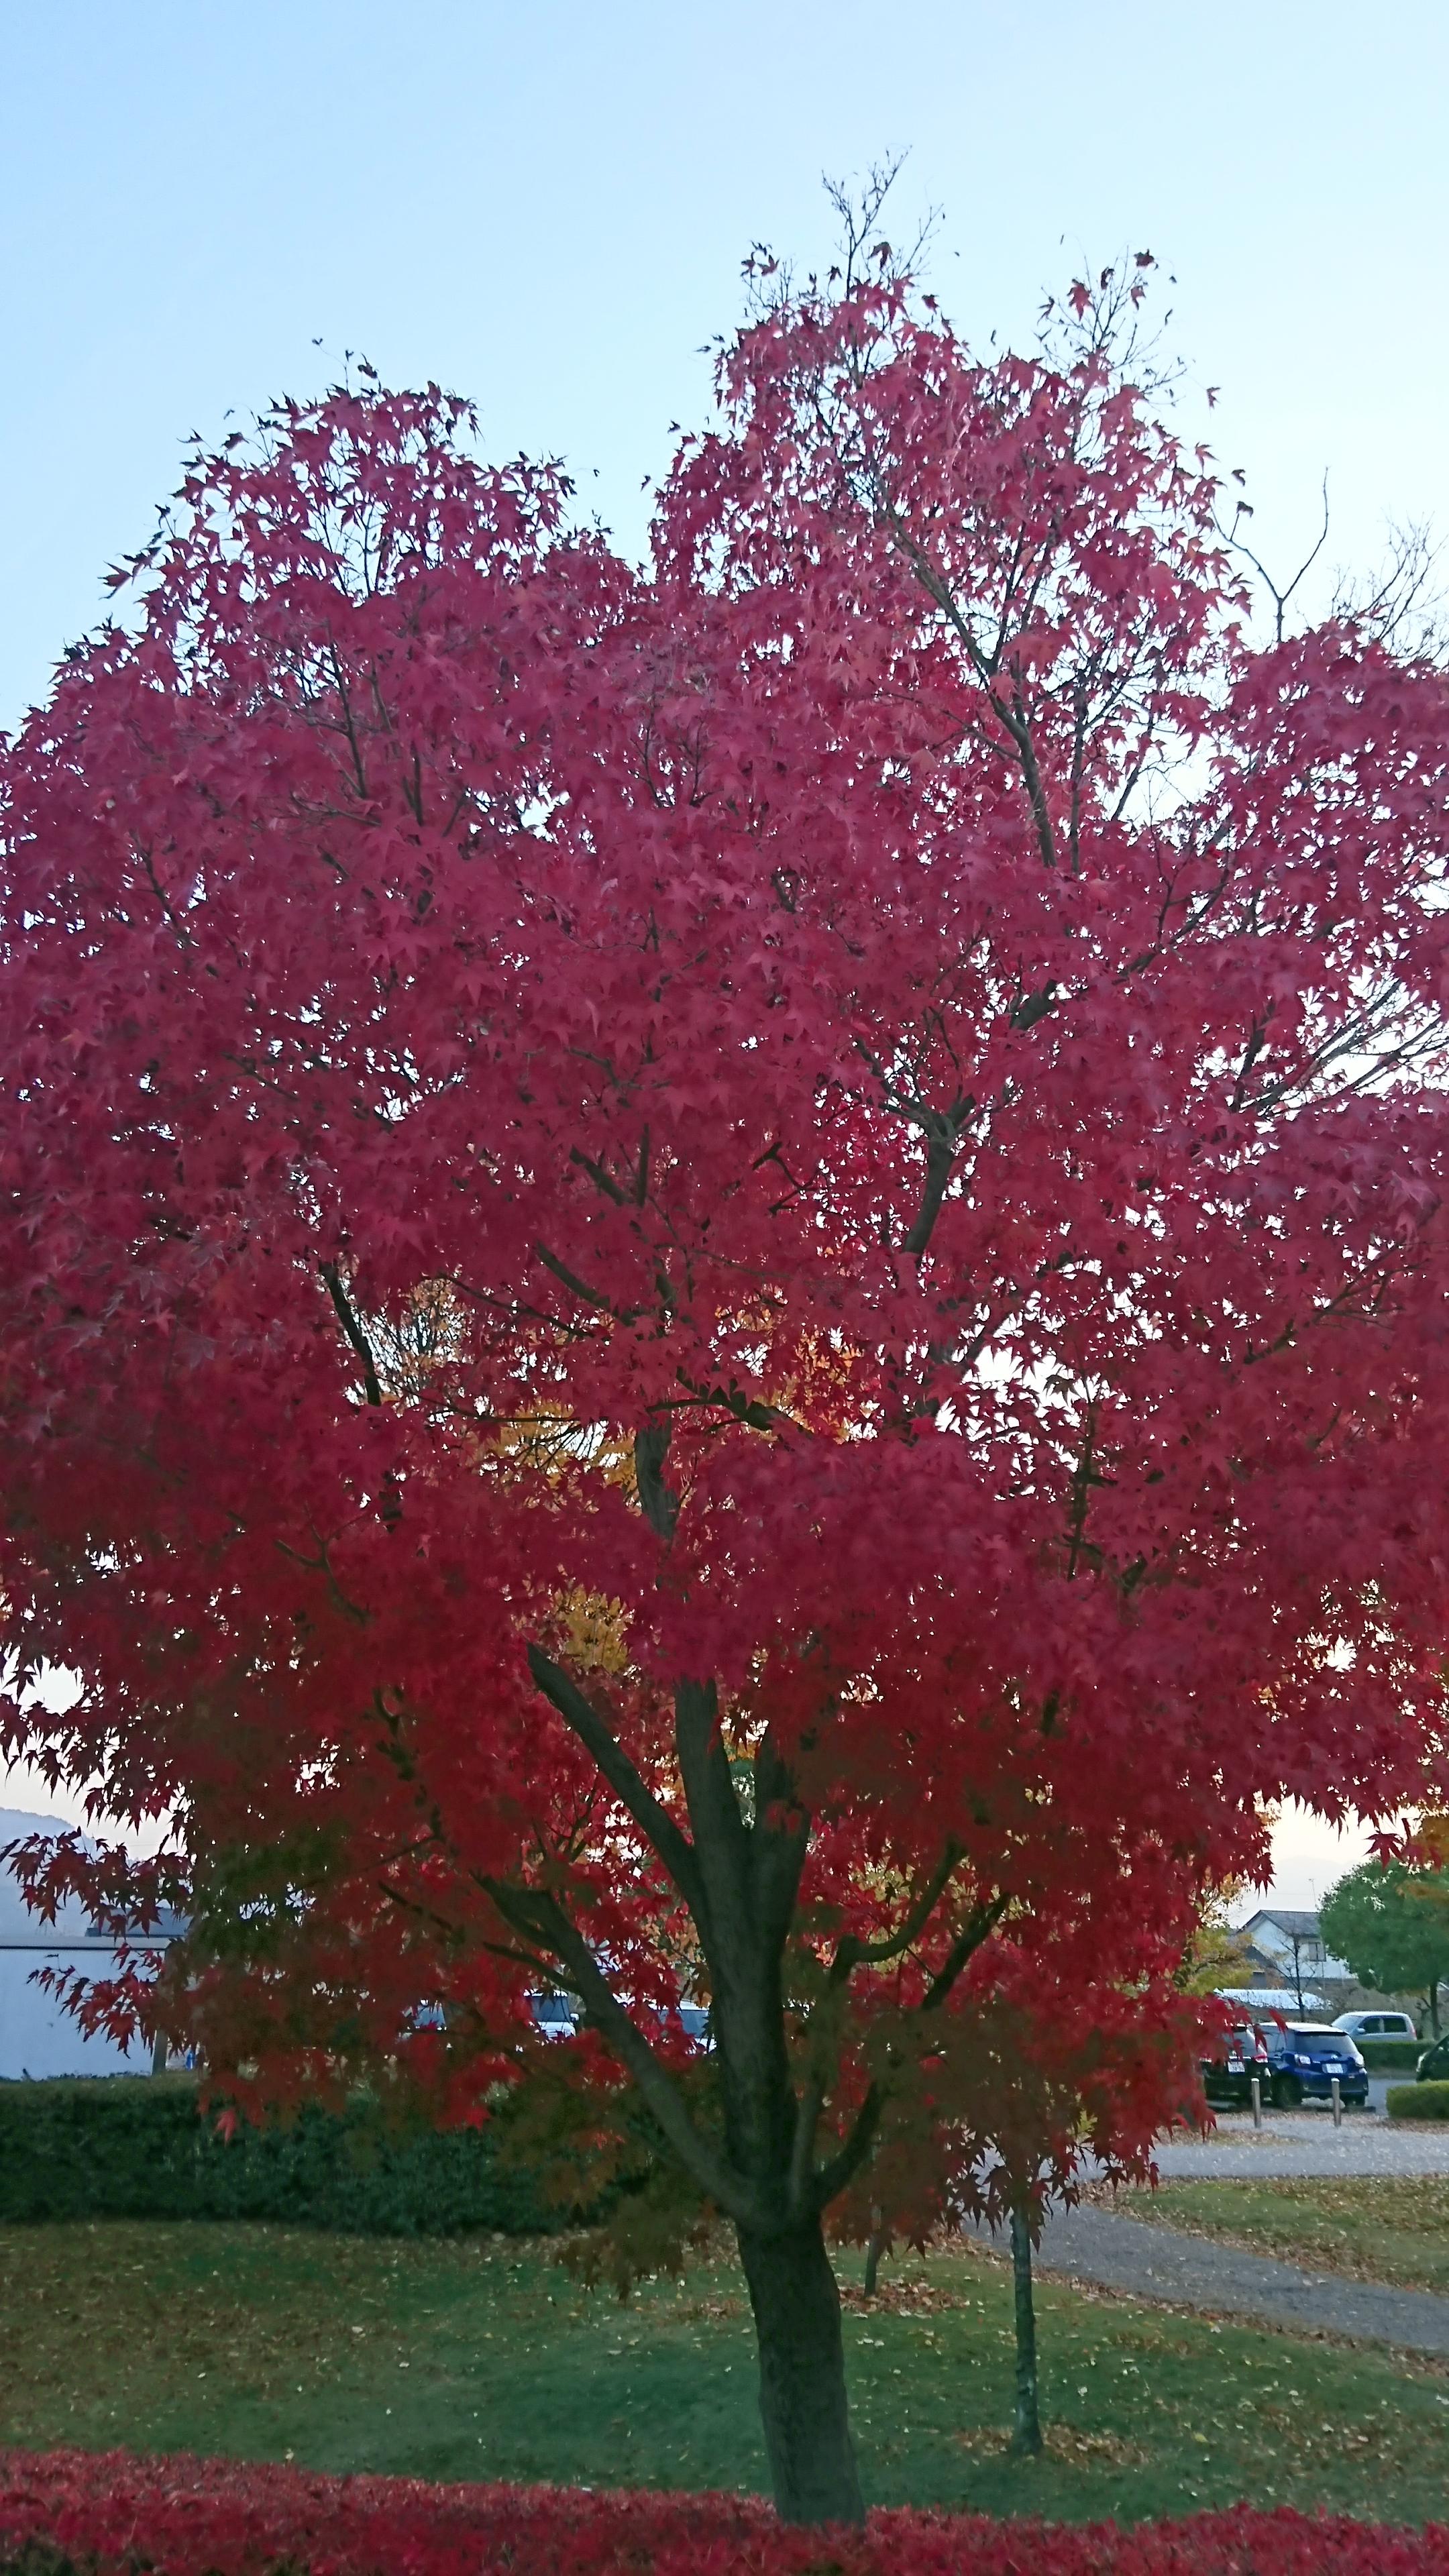 【キッズまゆ】 紅葉がきれいですね!!